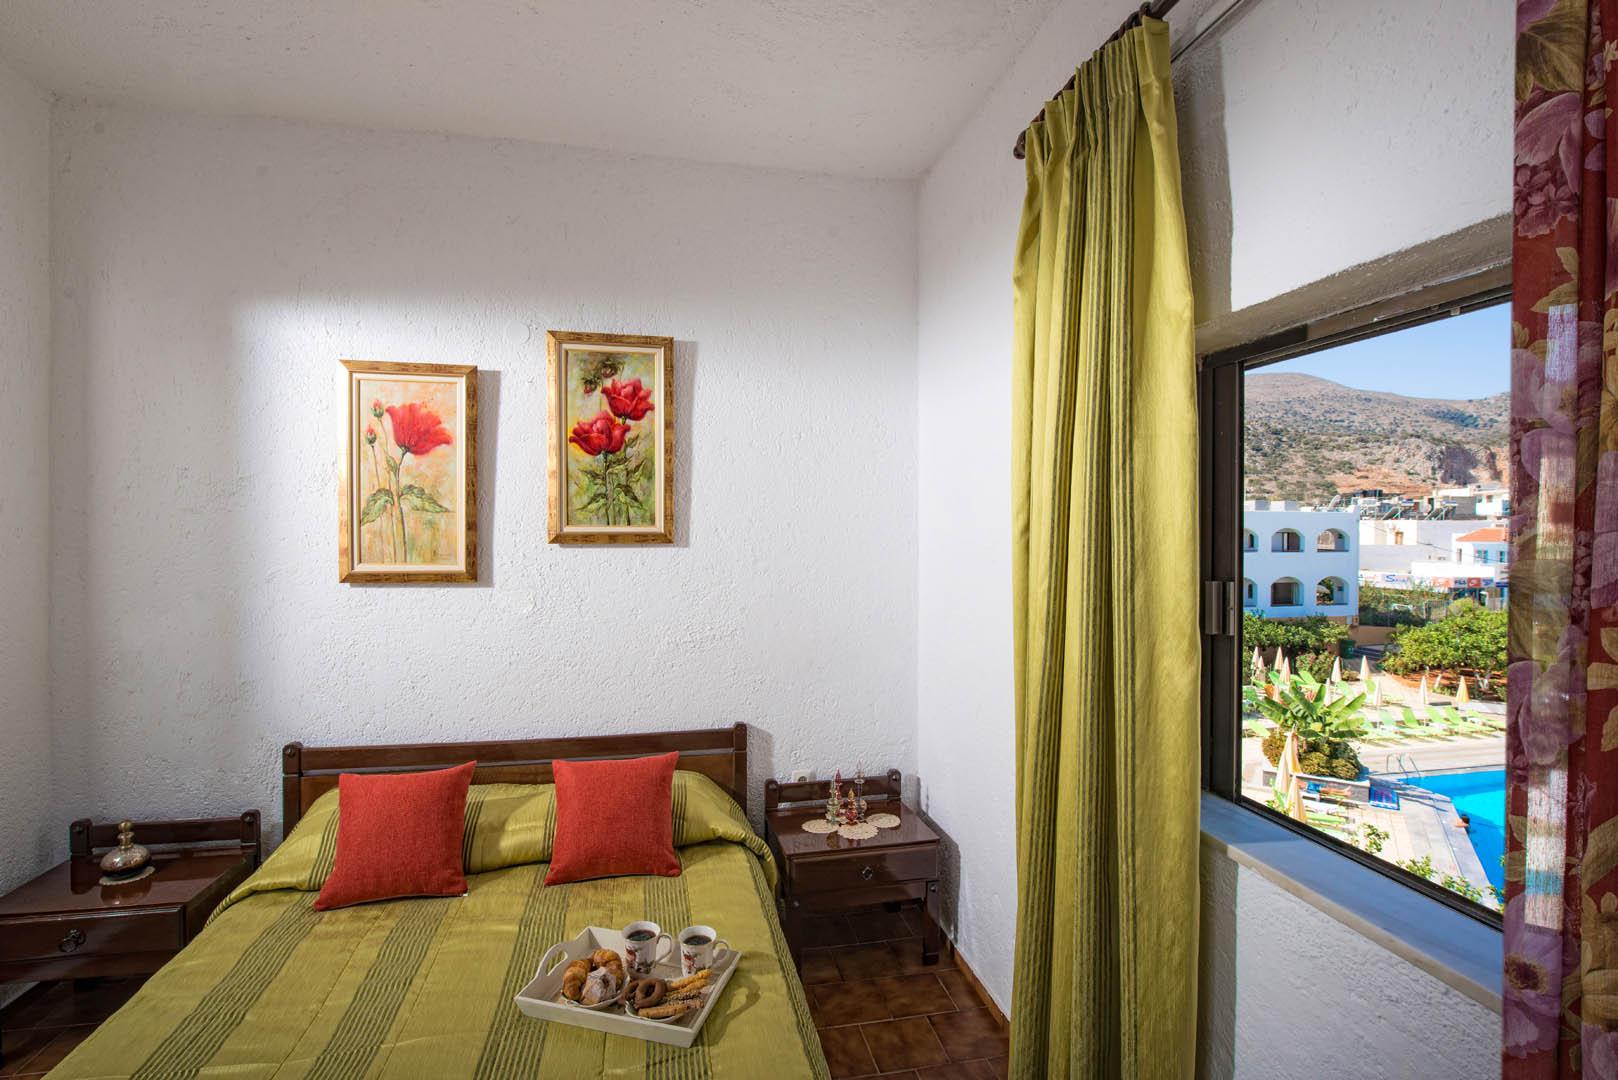 malia-holidays-rooms-14